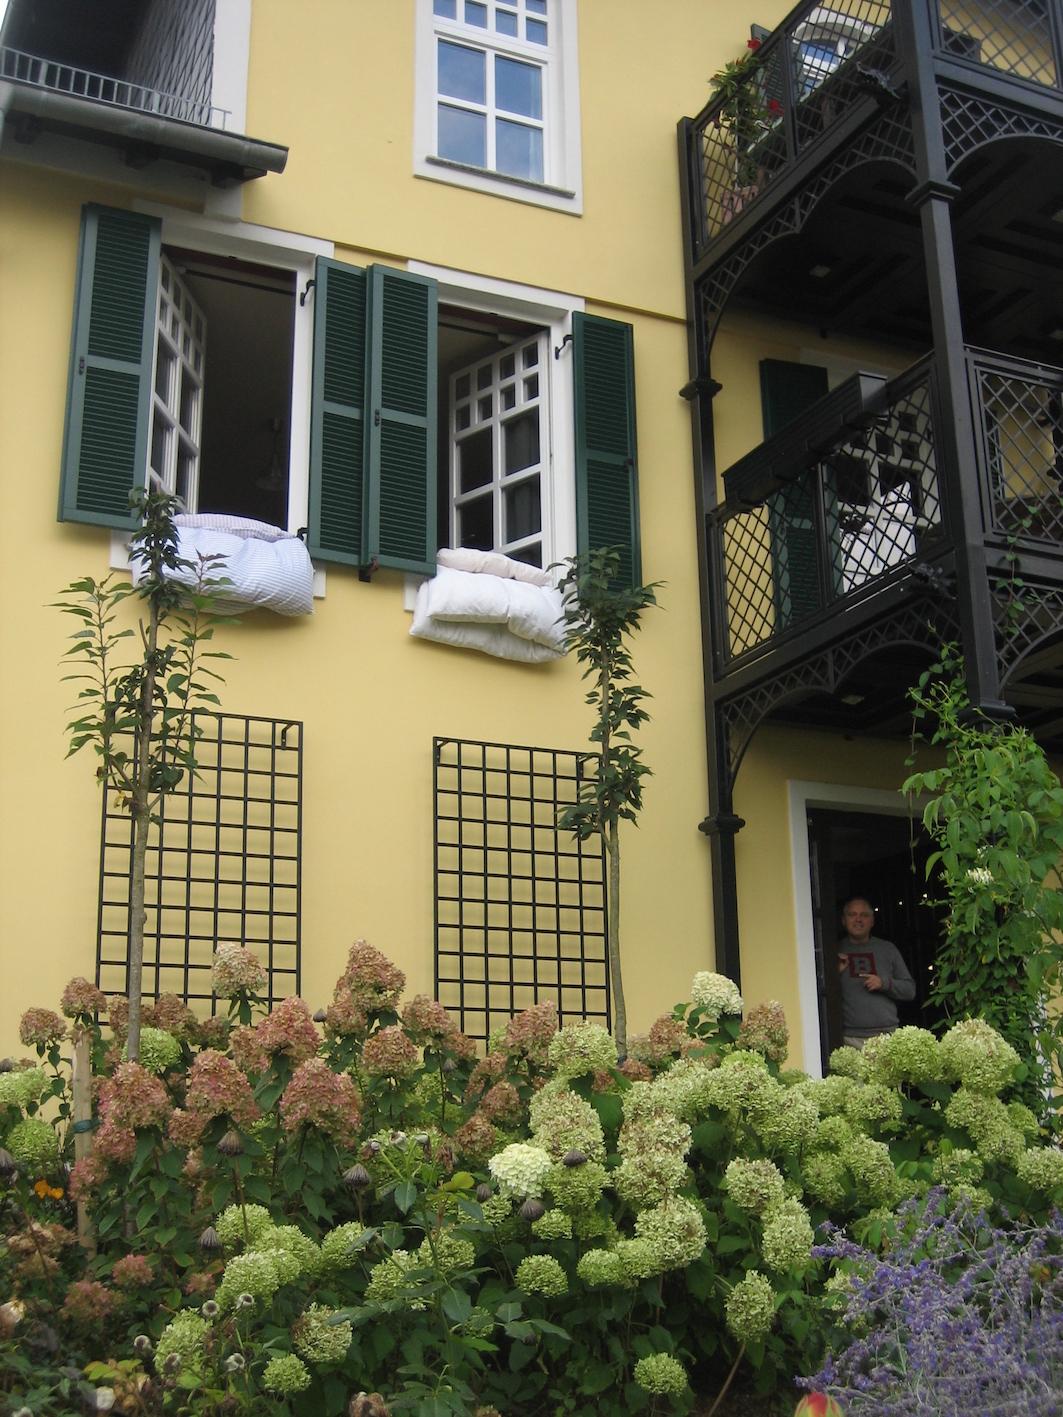 2 Wand Rankgitter aus Metall Modell Bauhaus in Schwarz an gelbem Haus